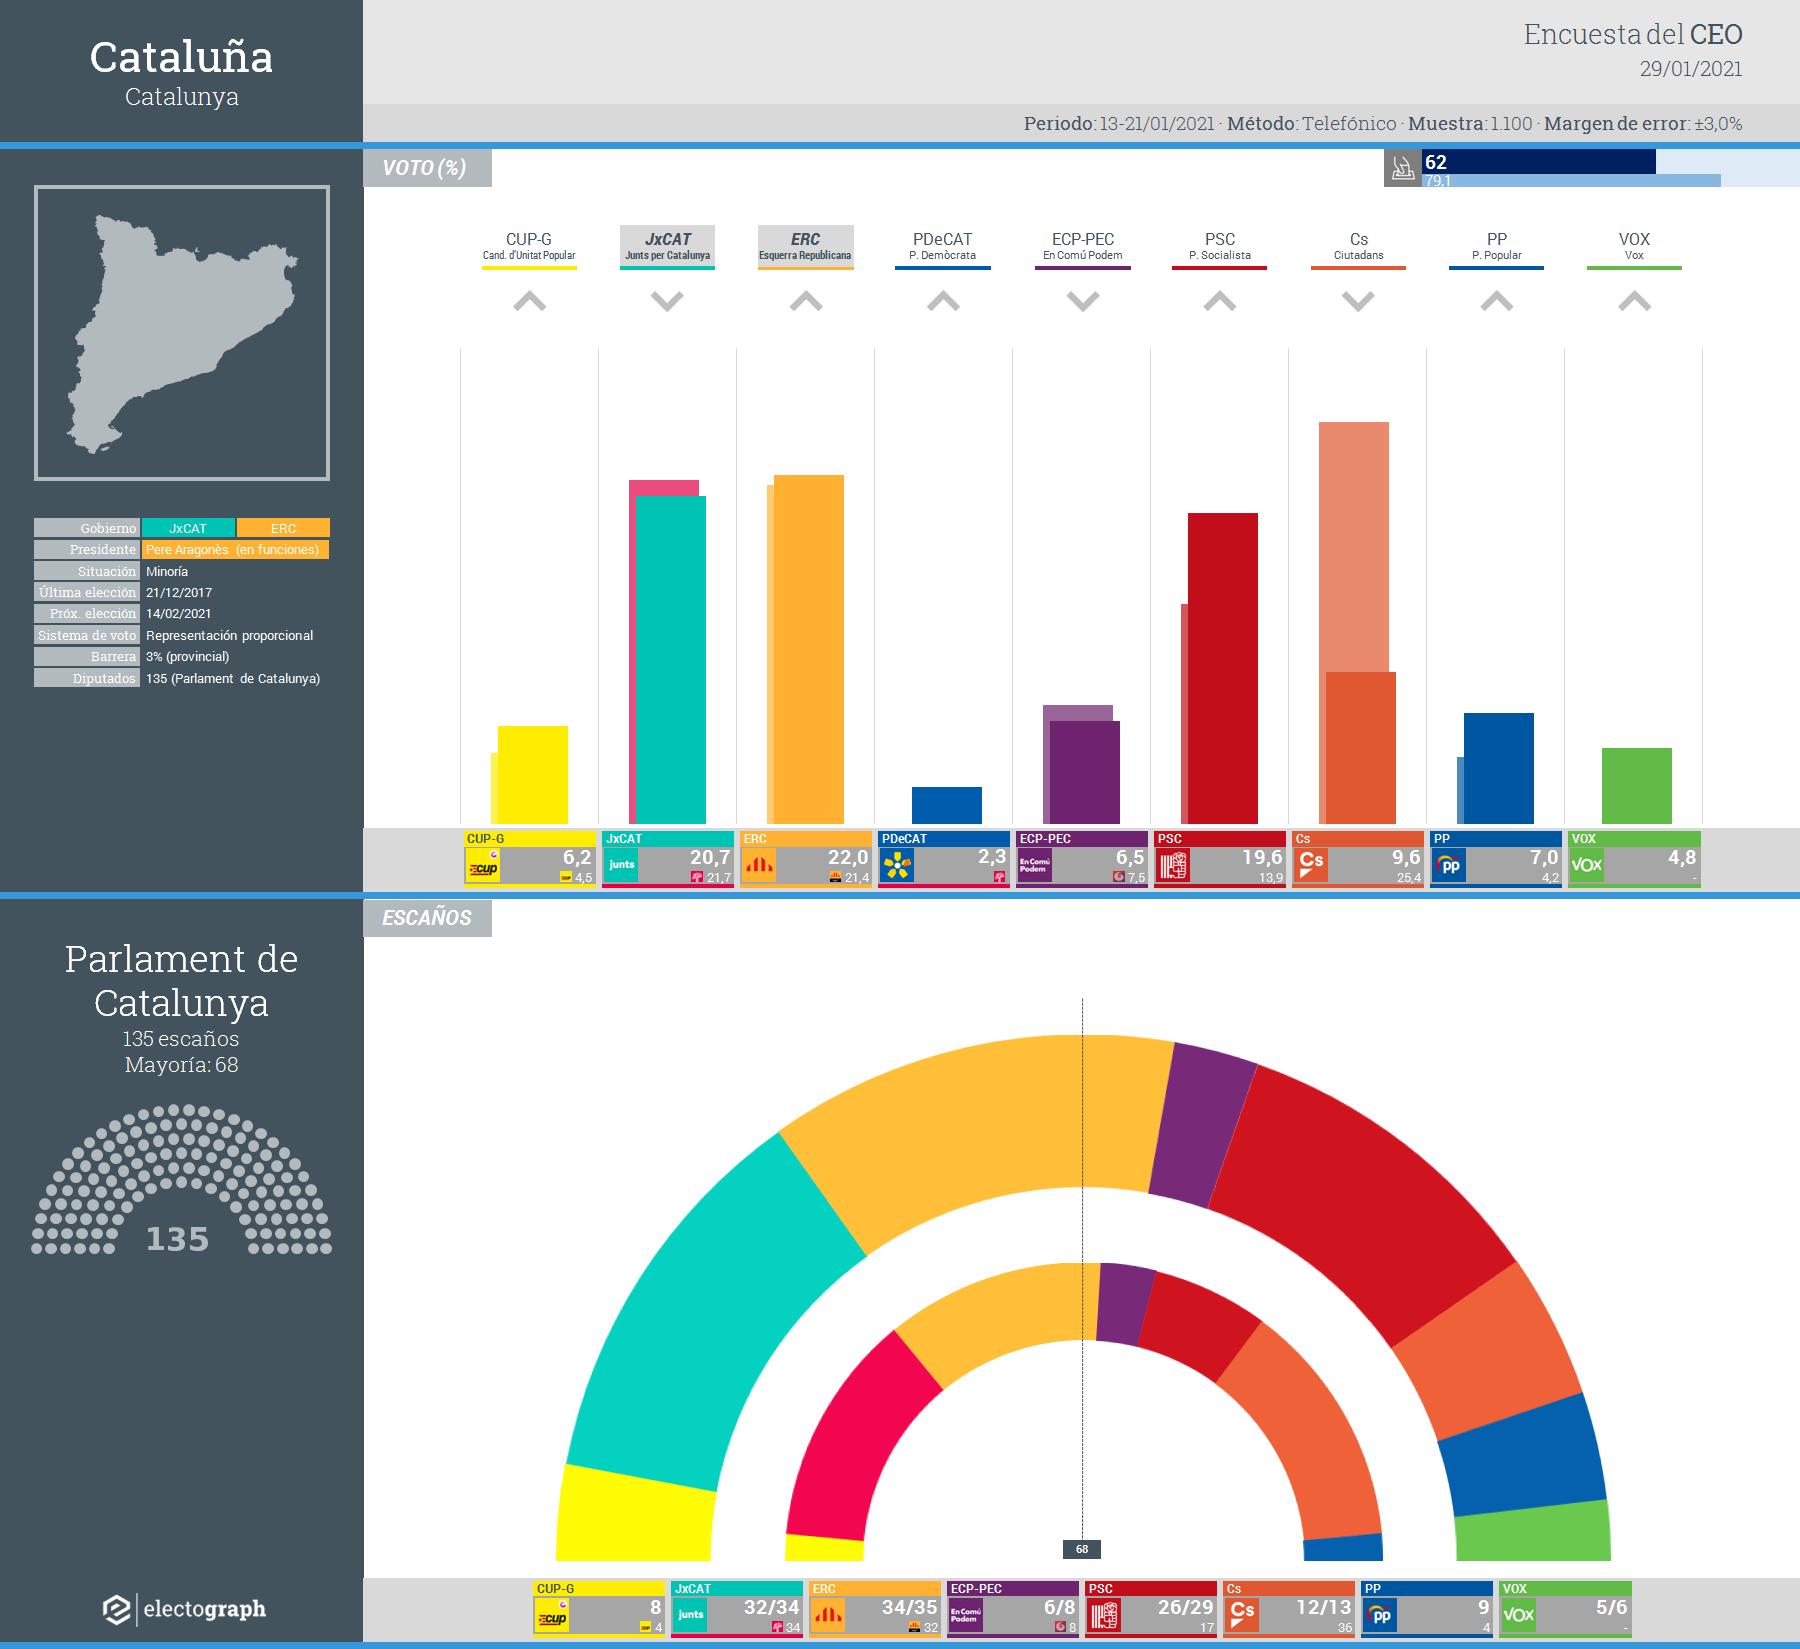 Gráfico de la encuesta para elecciones generales en Cataluña realizada por el CEO y Opinòmetre, 29 de enero de 2021